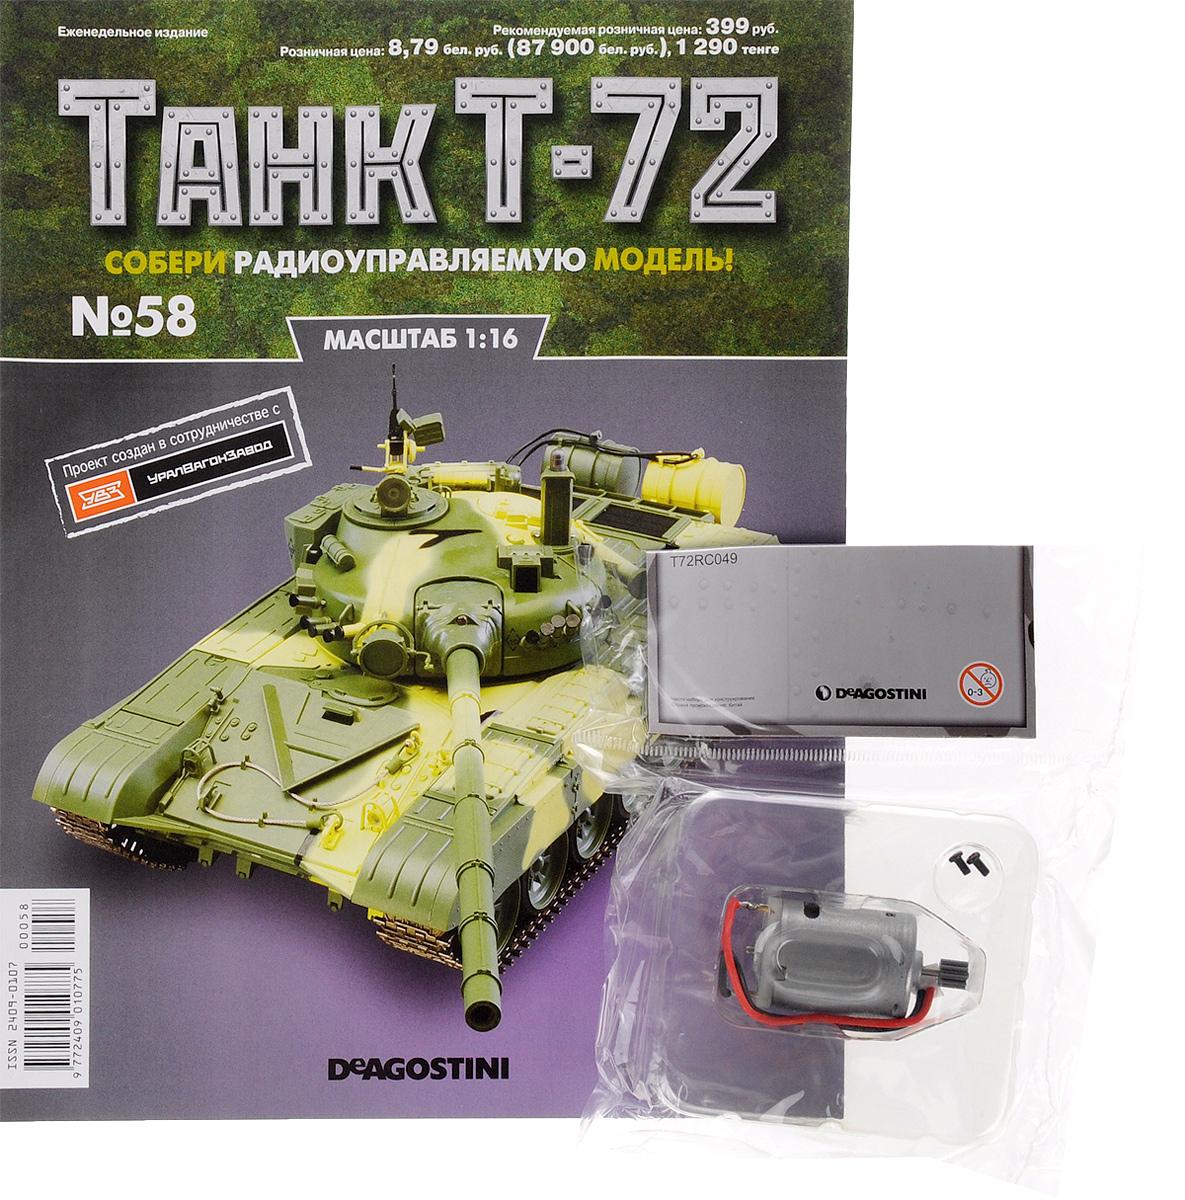 Журнал Танк Т-72 №58TRC058Перед вами - журнал из уникальной серии партворков Танк Т-72 с увлекательной информацией о легендарных боевых машинах и элементами для сборки копии танка Т-72 в уменьшенном варианте 1:16. У вас есть возможность собственноручно создать высококачественную модель этого знаменитого танка с достоверным воспроизведением всех элементов, сохранением функций подлинной боевой машины и дистанционным управлением. В комплекте: 1. Мотор 2. Винты (2 шт) Состав деталей: металлический сплав. Категория 16+.